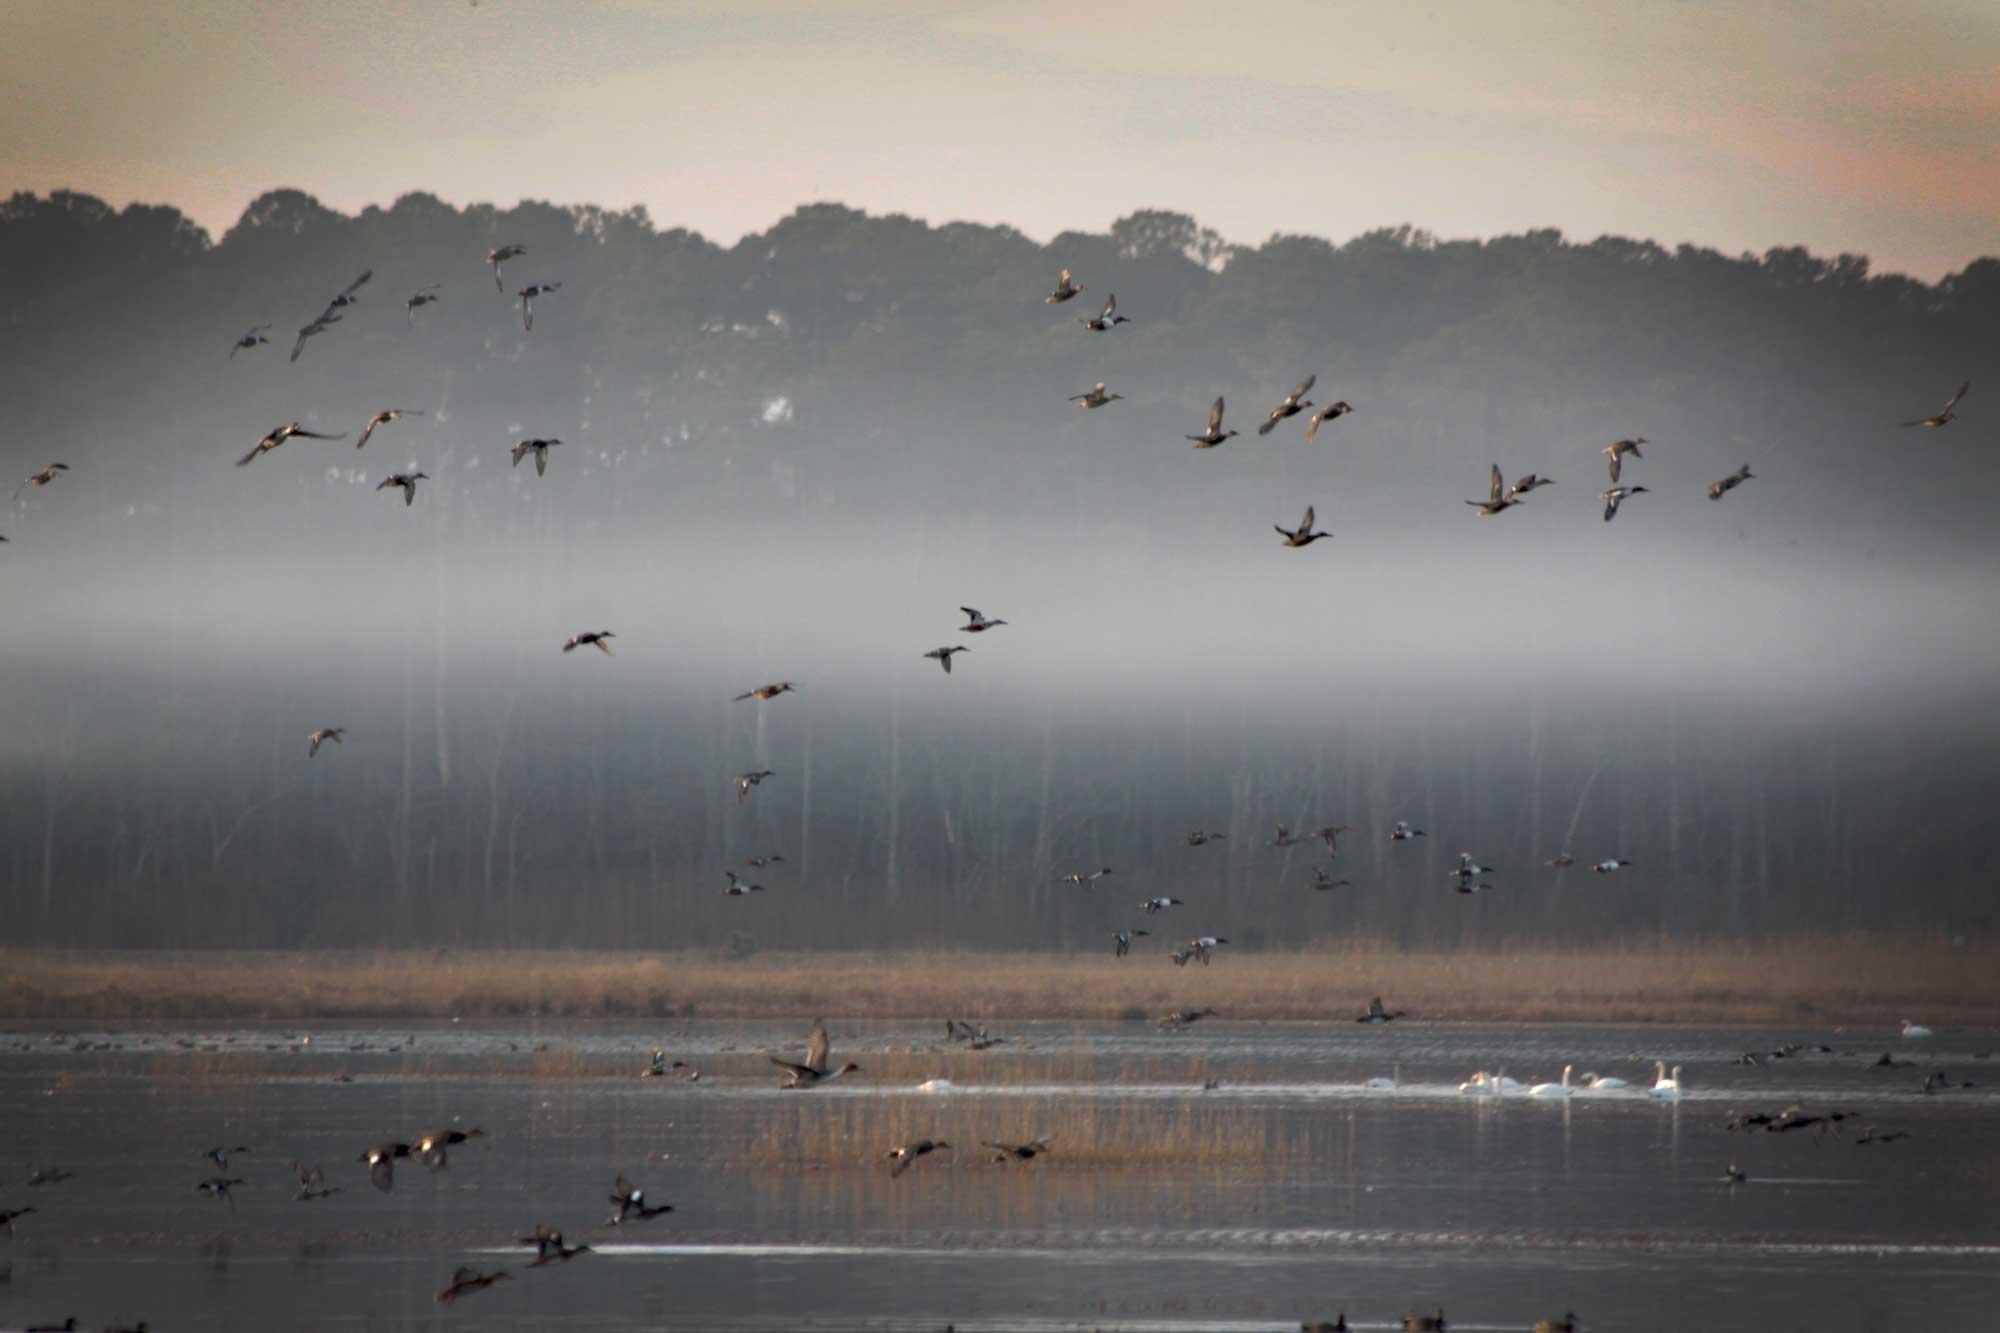 Ducks flying over a misty Lake Mattamuskeet at the Mattamuskeet National Wildlife Refuge